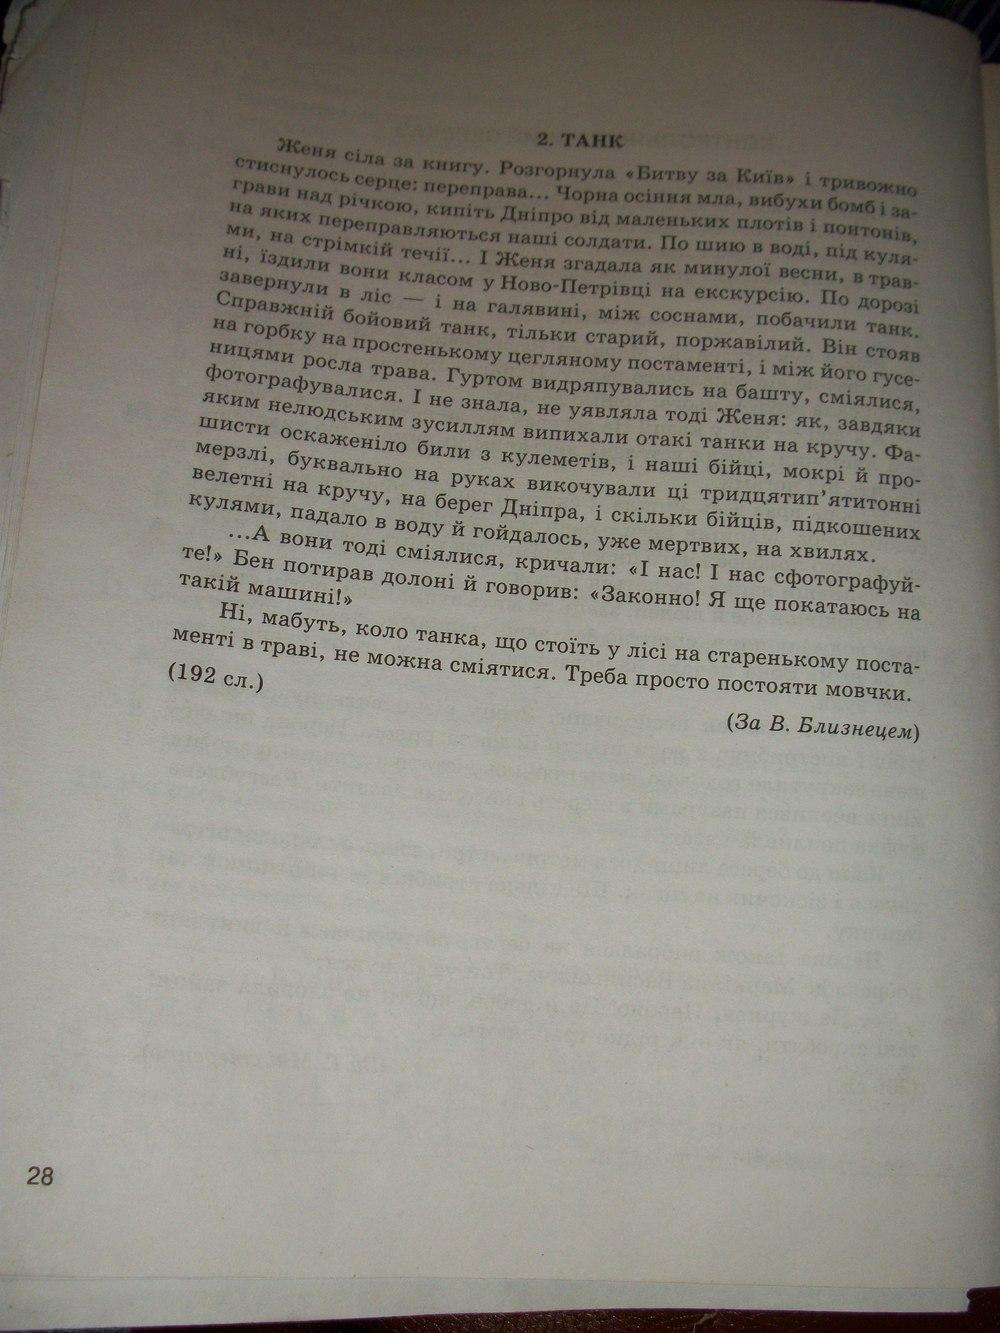 ГДЗ відповіді робочий зошит по рiдна/укр. мова 6 класс Жовтобрюх В.Ф.. Задание: стр. 28